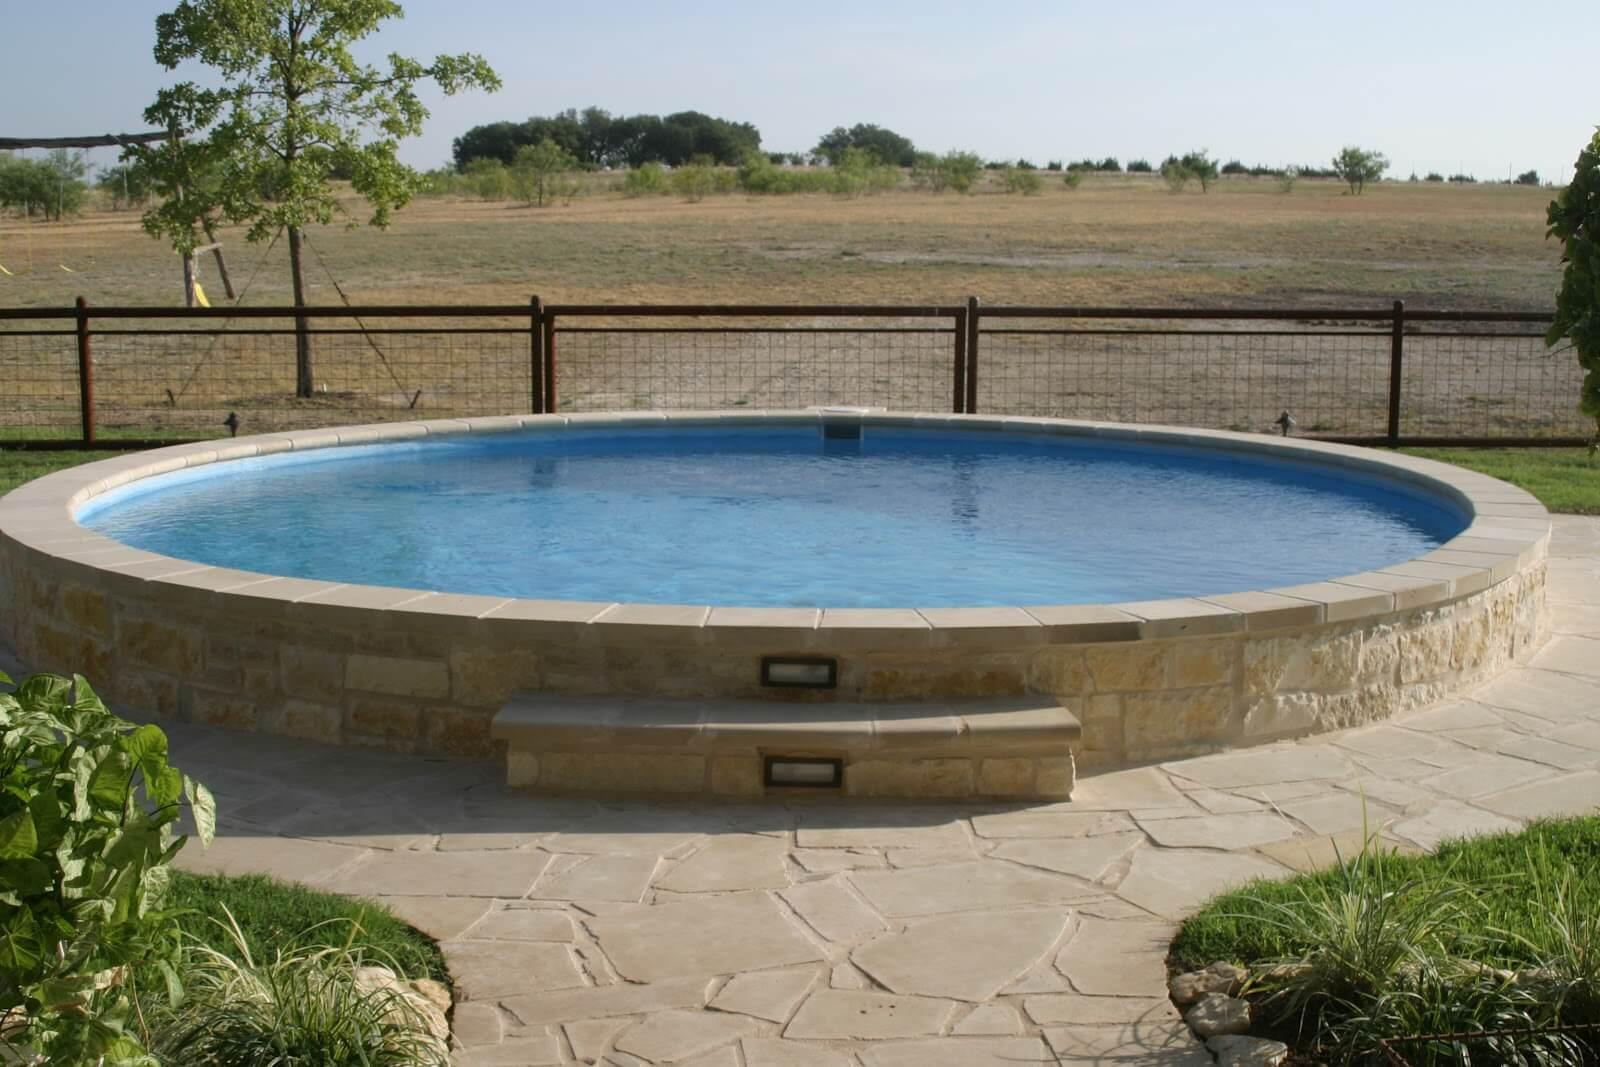 Pool gallery yeske tanks for Pool gallery